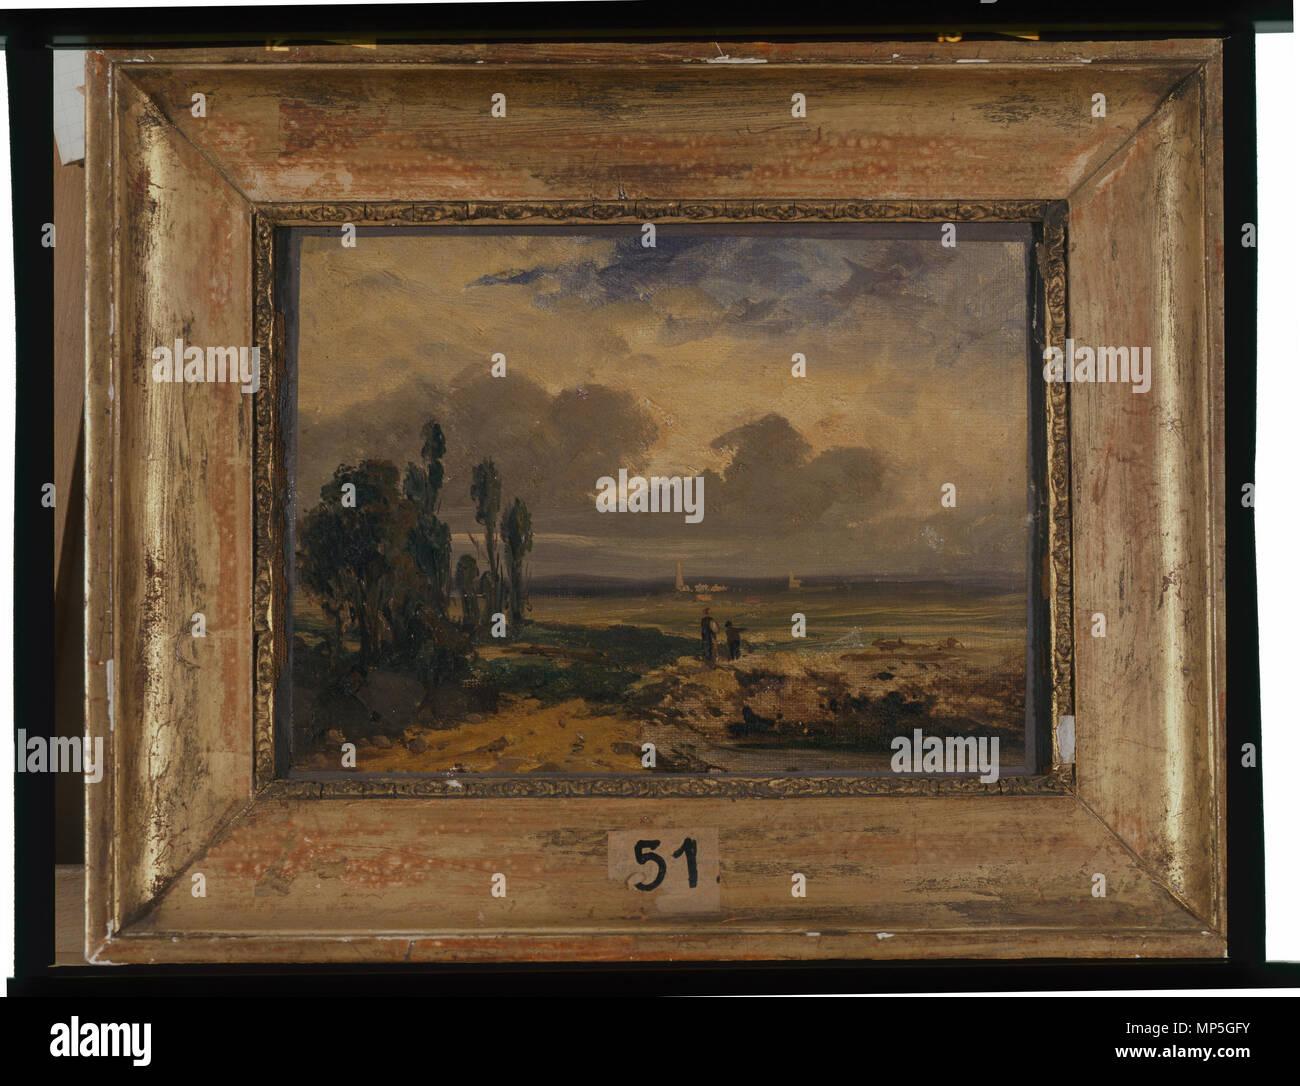 968 Paysage - anonyme - Musée d'Art et d'Histoire de Saint-Brieuc, DOC 51 Stockfoto